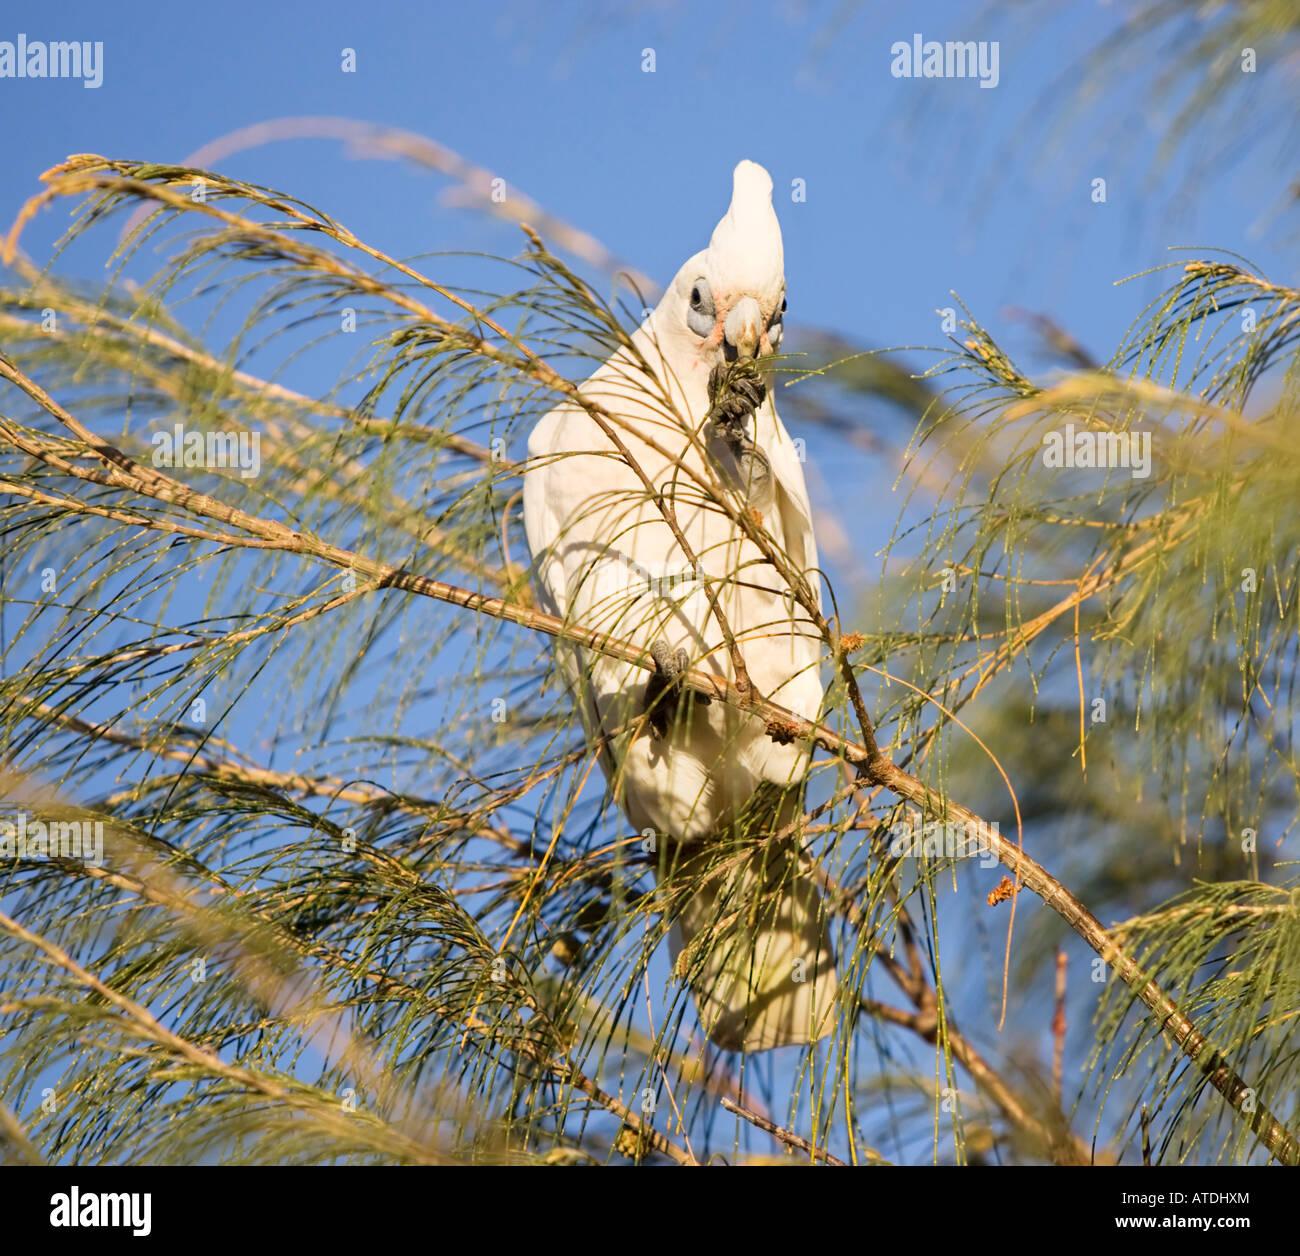 A Little Corella Cockatoo (Cacatua sanguinea) eating a nut in a sheoak tree. Perth, Australia - Stock Image